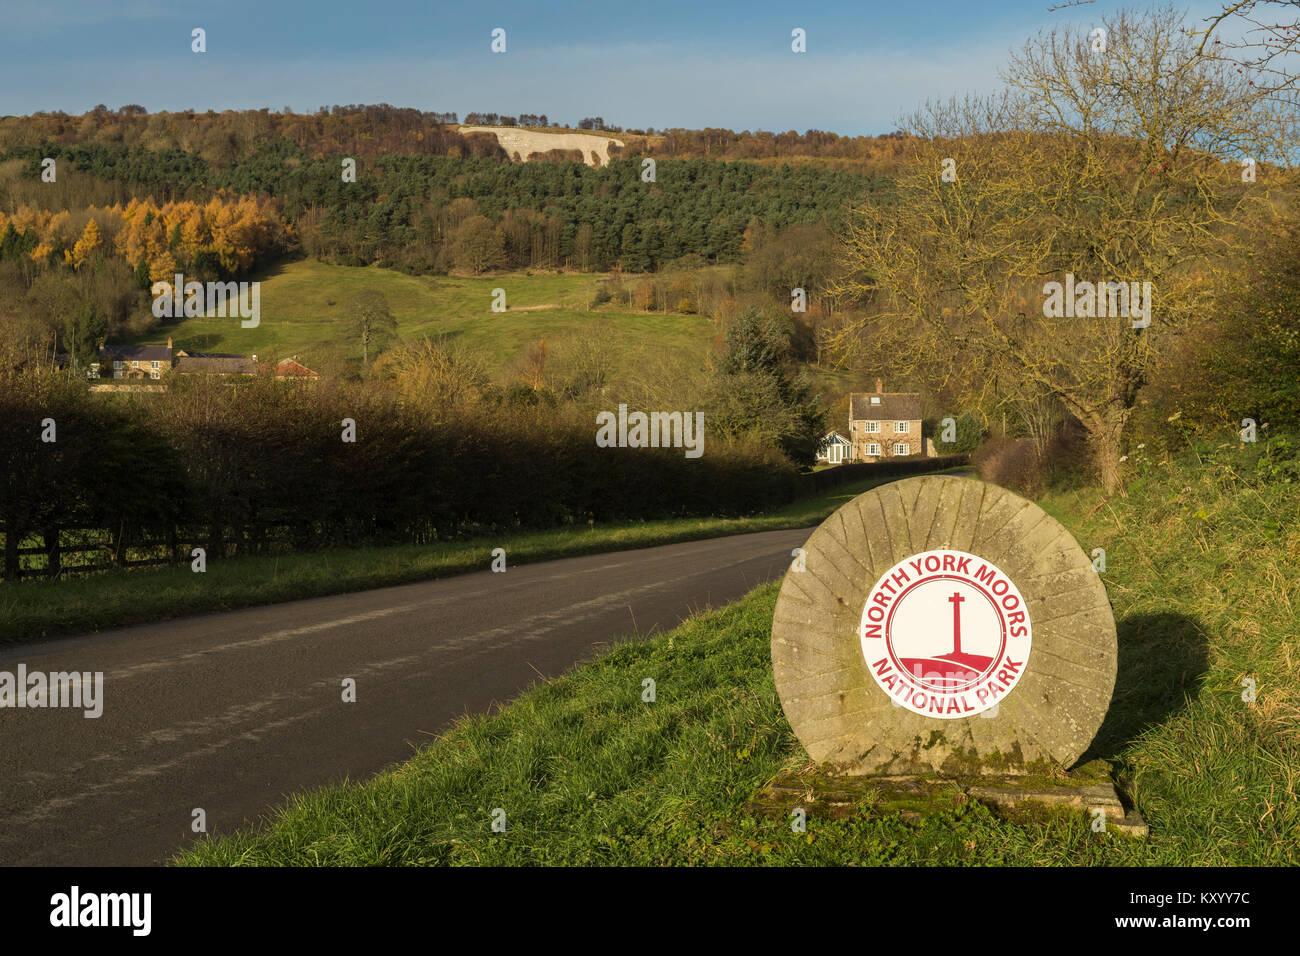 Grenzstein Markierung Eintritt in North York Moors National Park & Kilburn weißes Pferd am Hang darüber hinaus  Stockfoto